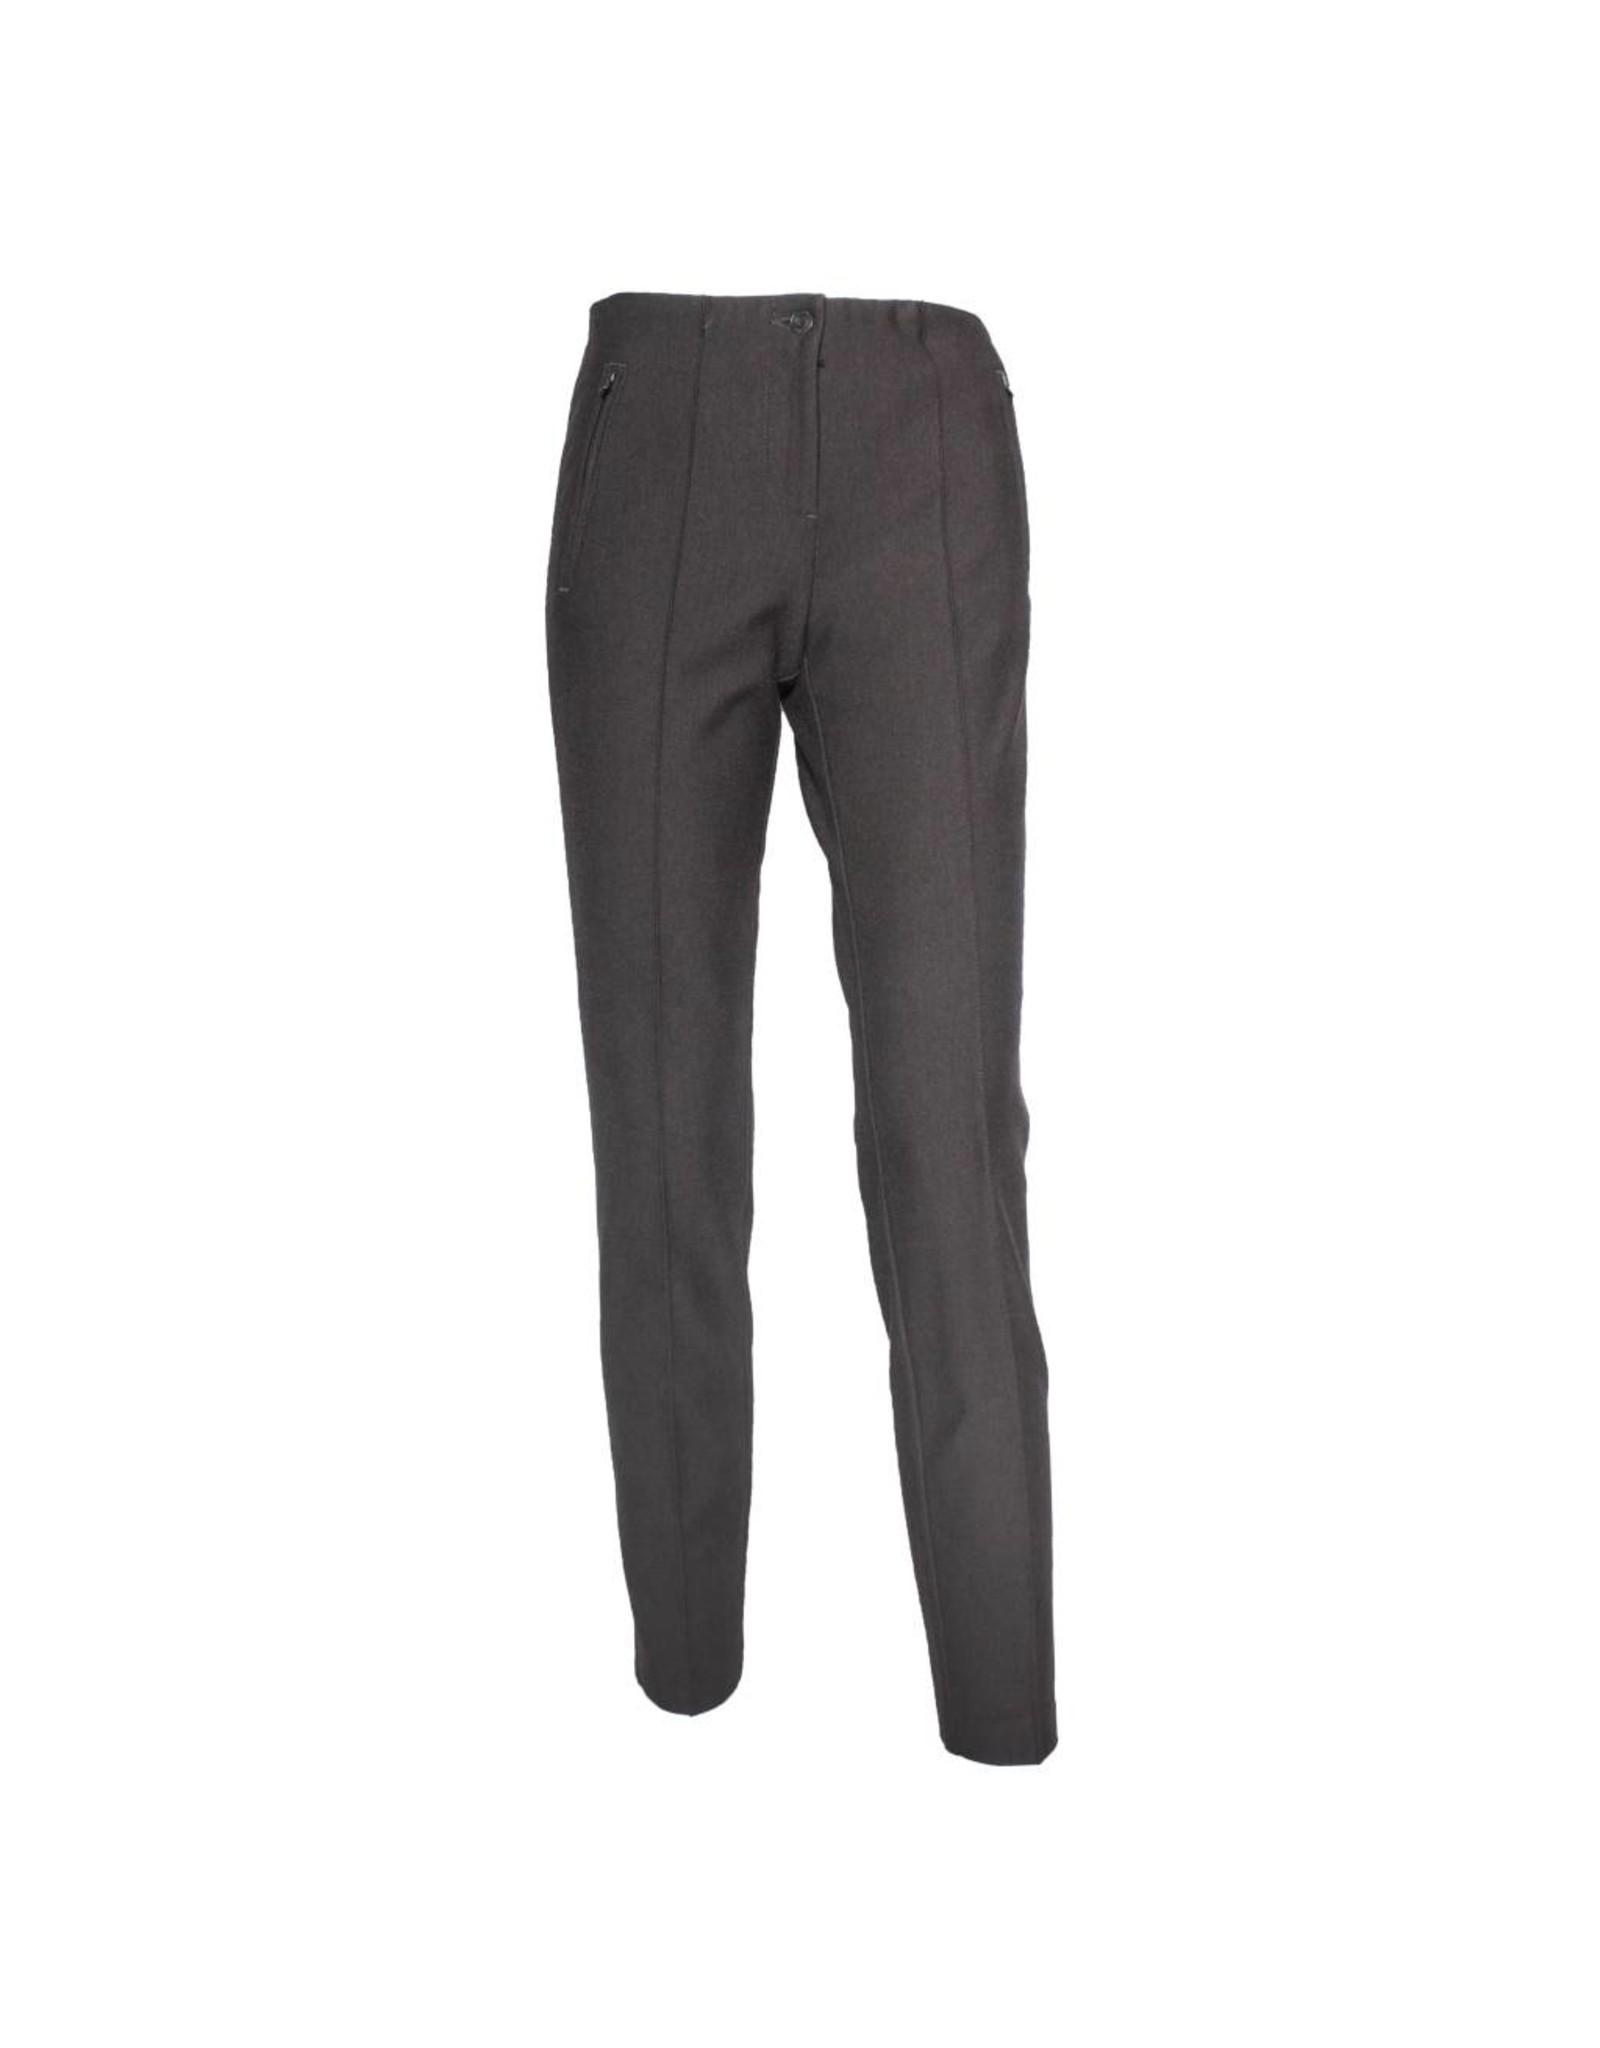 Cambio Cambio Ros Zip Pants - Dark Mahogany